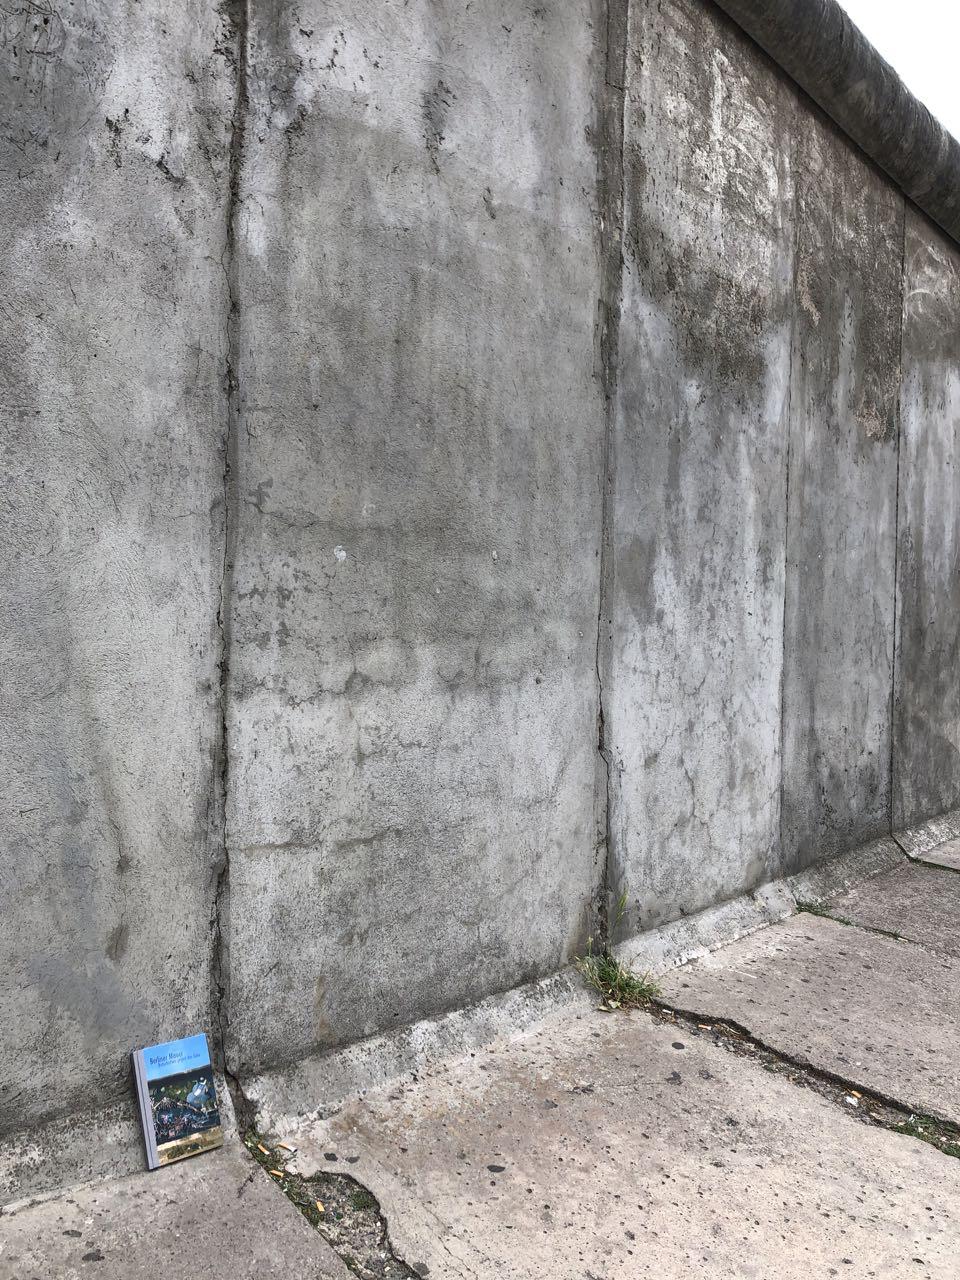 Berliner Mauer. Botschaften gegen das Grau von Volker Noth, Grafiker und Fotograf mit Fotografien aus den Jahren 1982 – 1990 und 2011 Hardcover Seitenformat 21 x 14,8 cm, 88 Seiten Selbstverlag, 2011